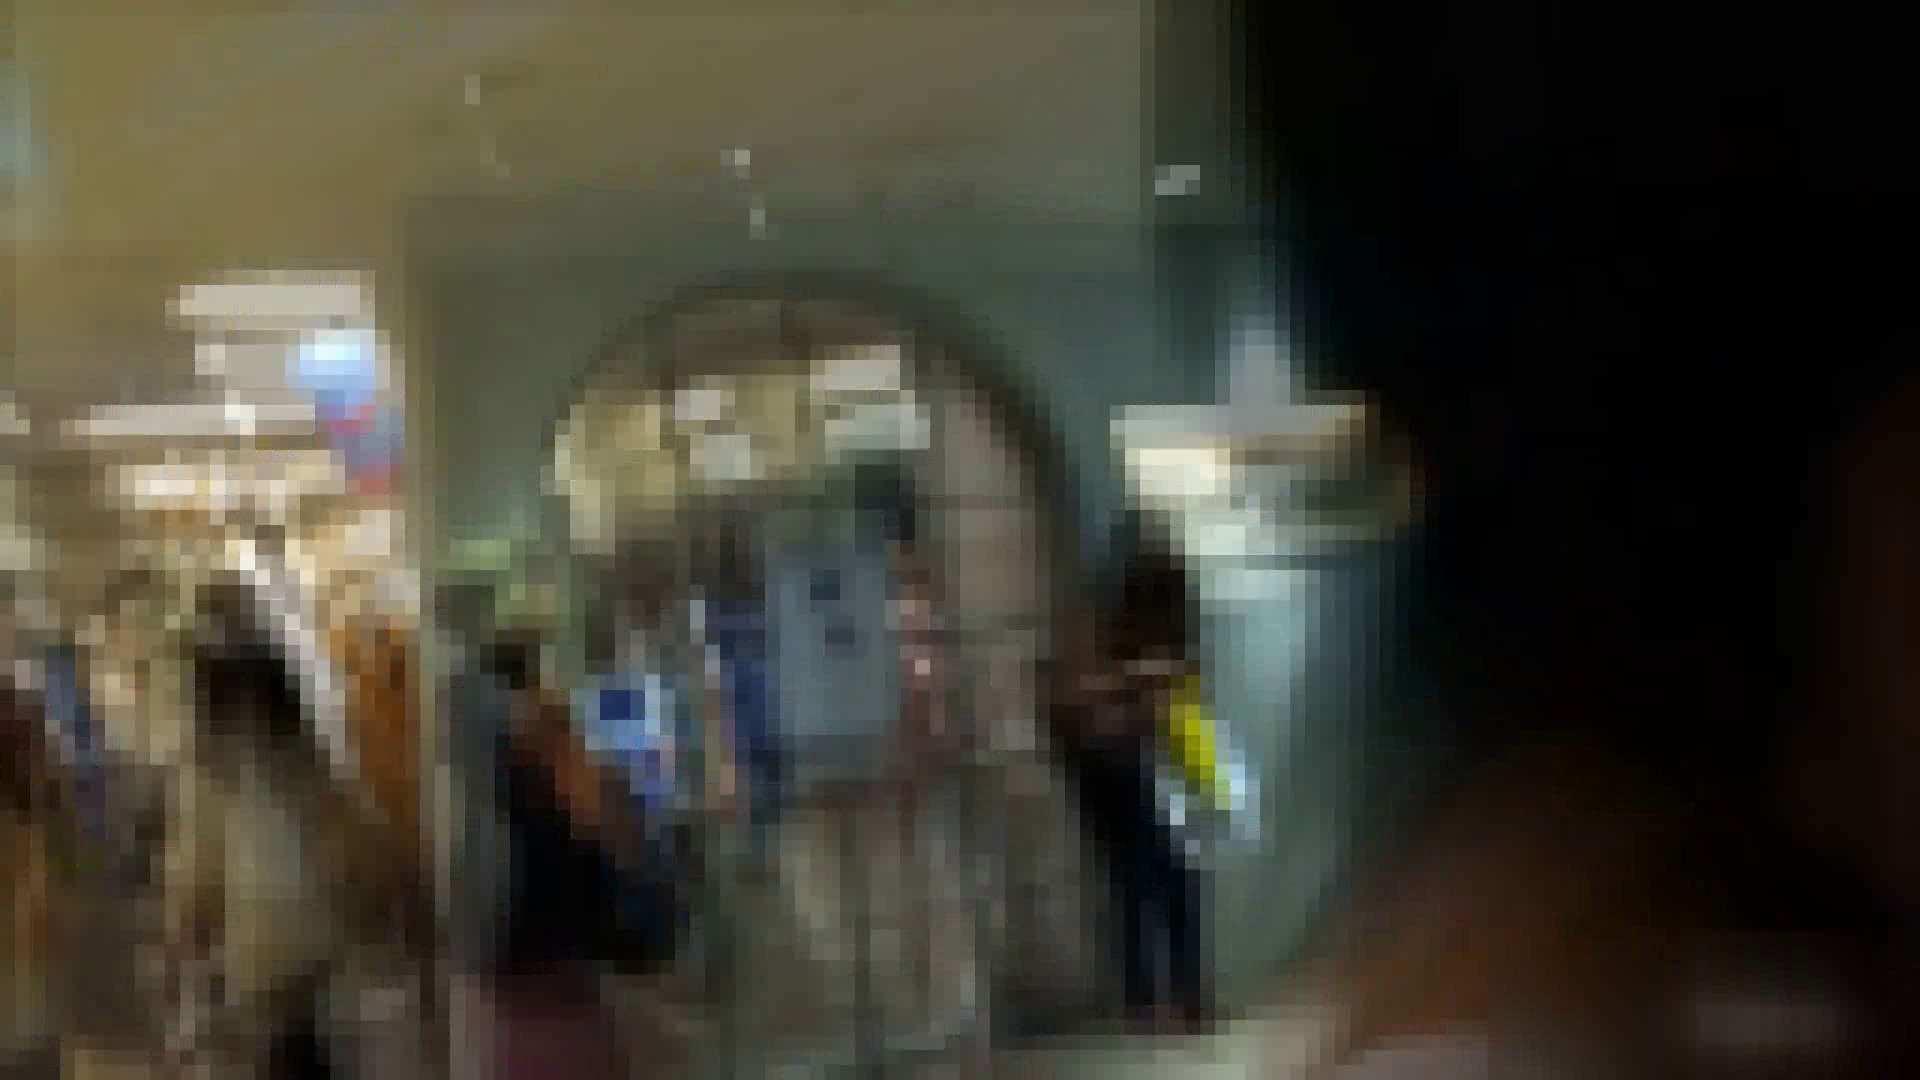 ガールズパンチラストリートビューVol.011 OLセックス | パンチラ  109画像 49